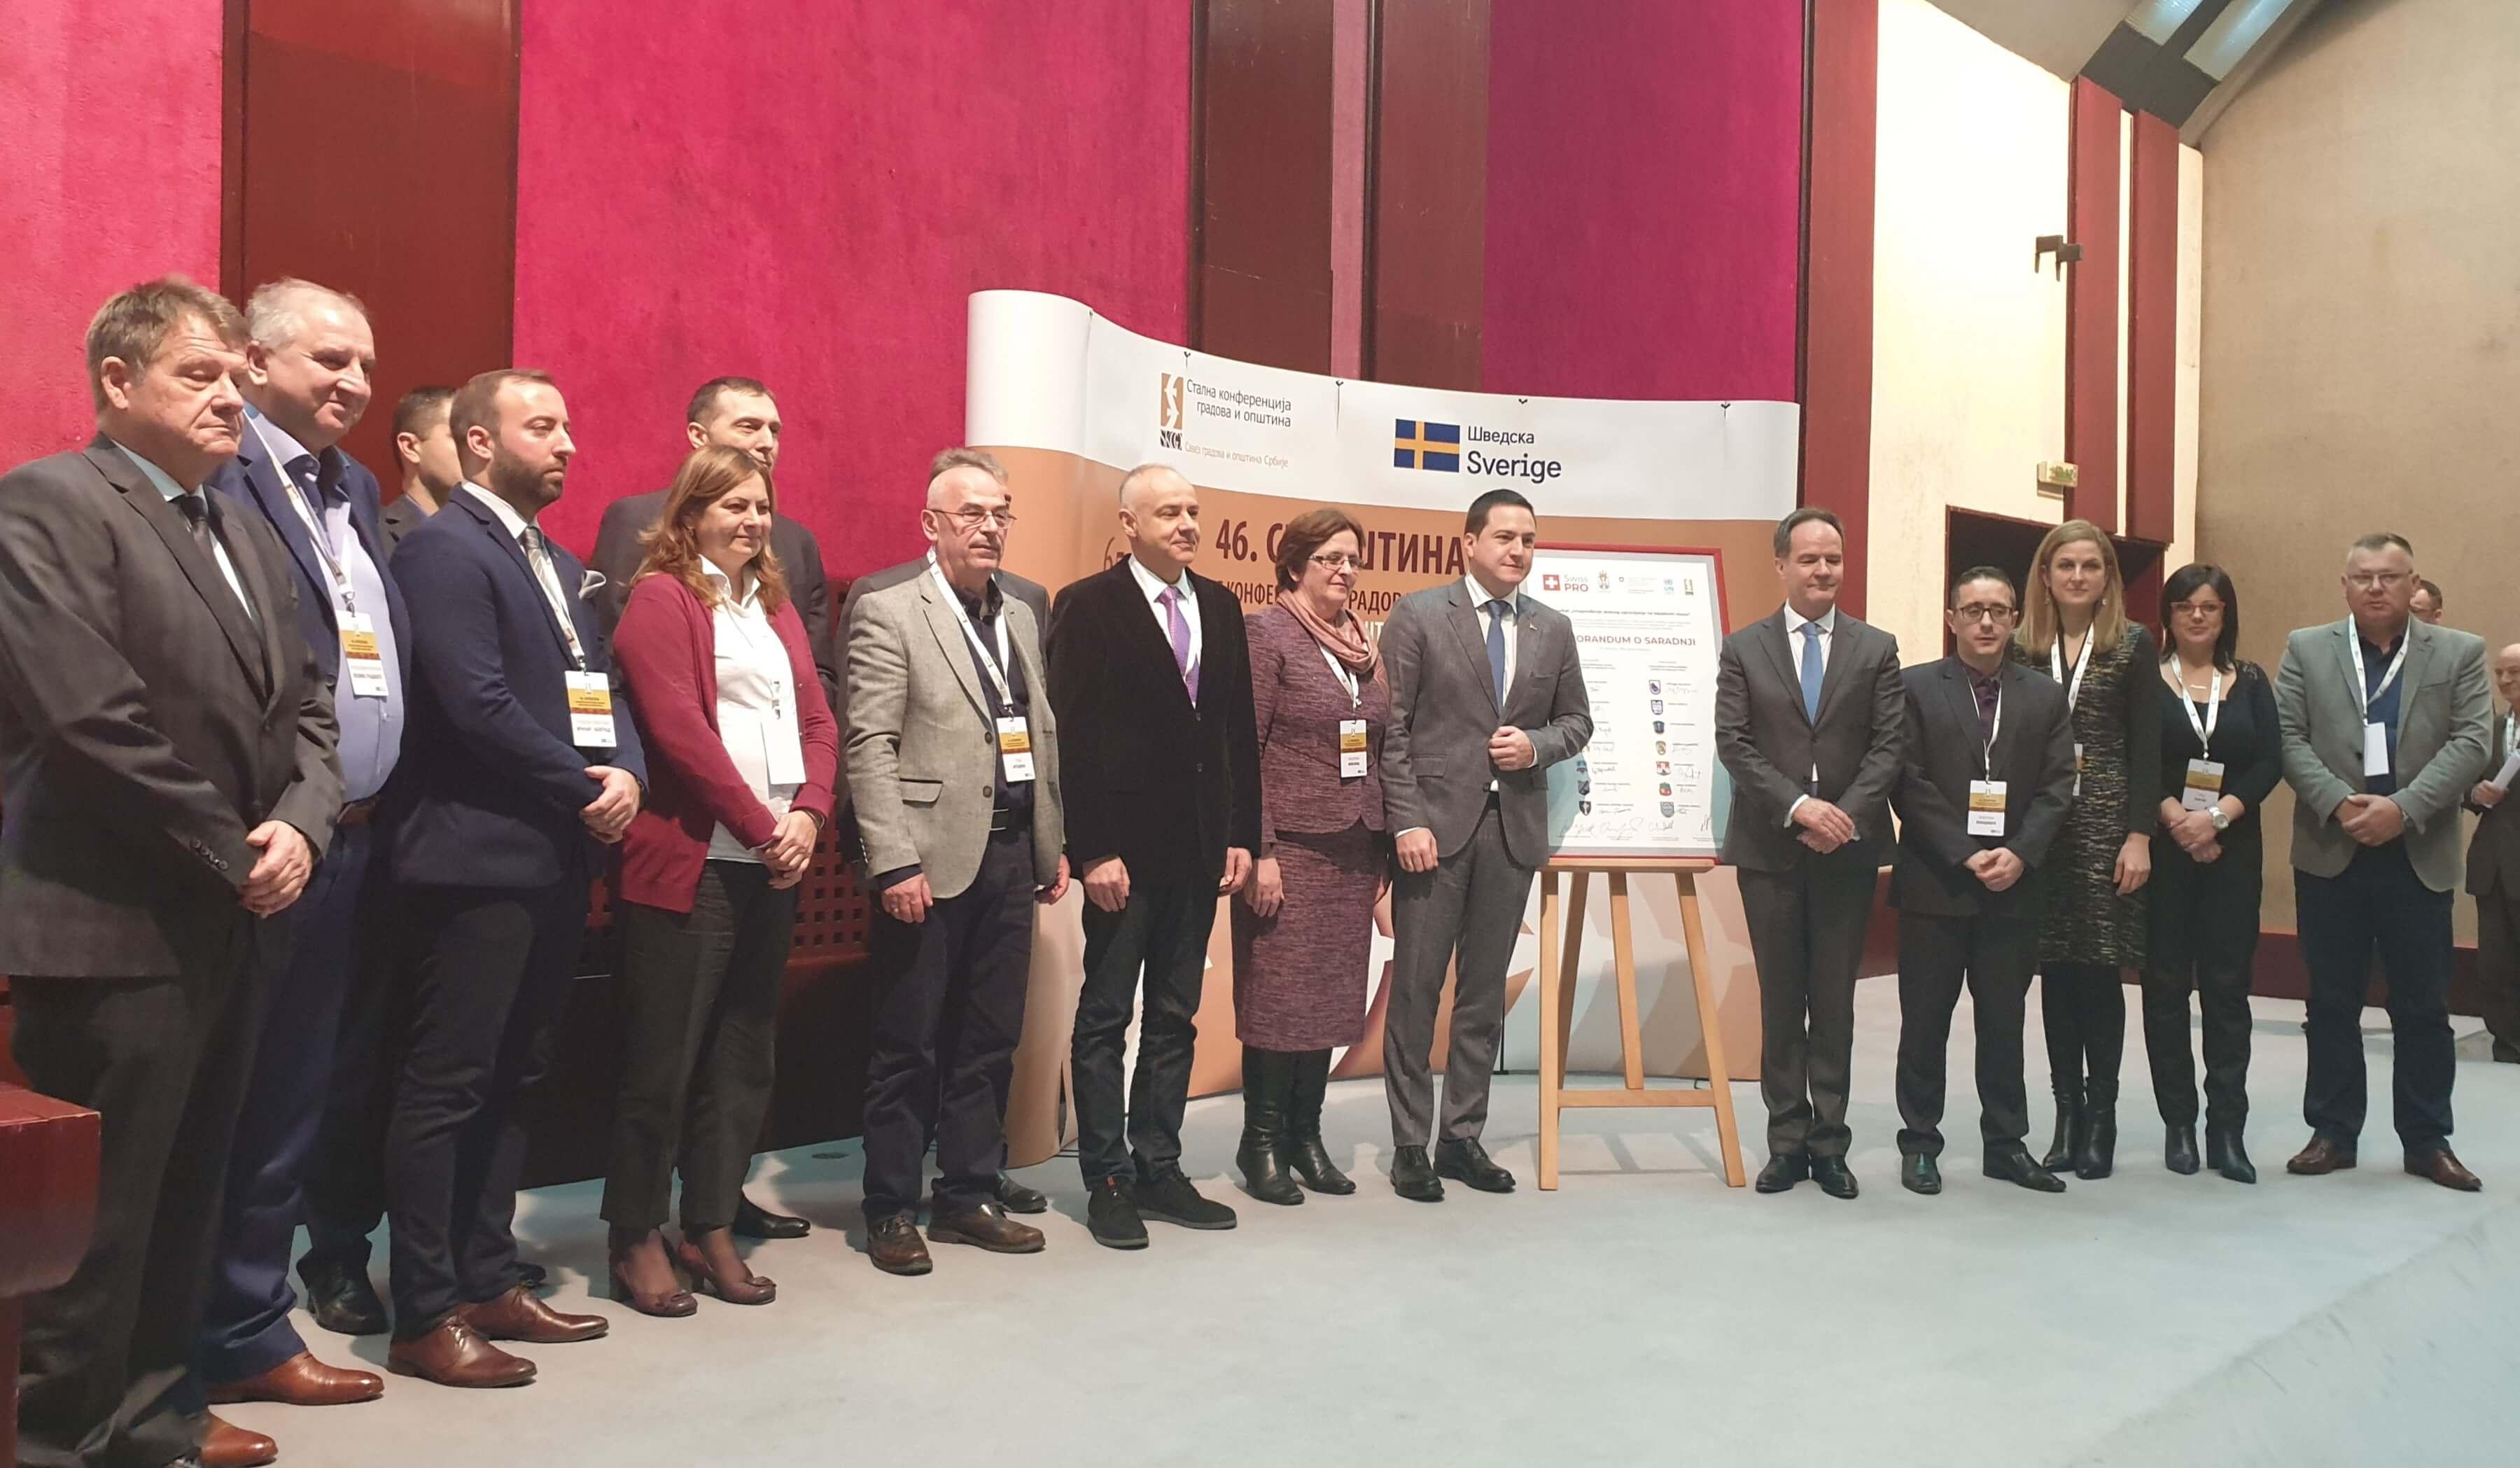 Поред званичника државне управе и локалне самоуправе, Амбасадора Швајцарске Конфедерације, Канцеларије Уједињених нација за пројектне услуге и Генералног секретара СКГО, у свечаном потписивању су учествовали и представници 14 градова и општина којима су додељени пакети подршке